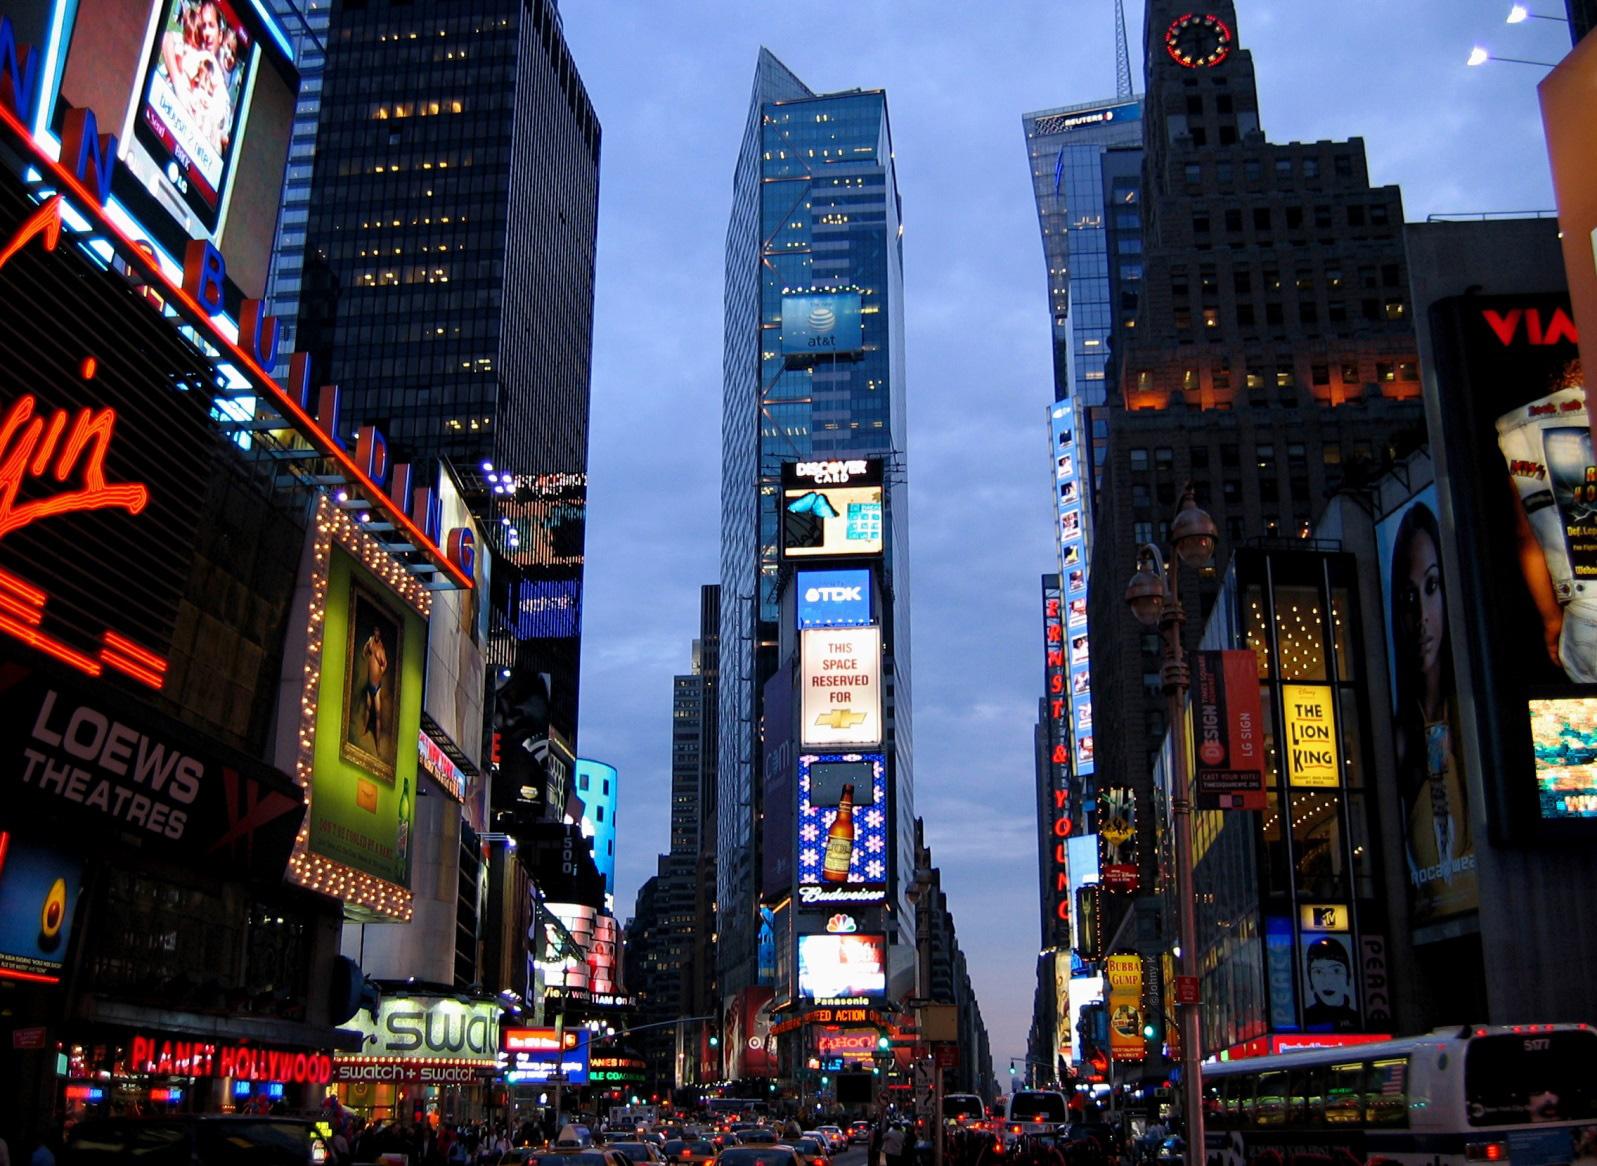 뉴욕_socuripass.jpg